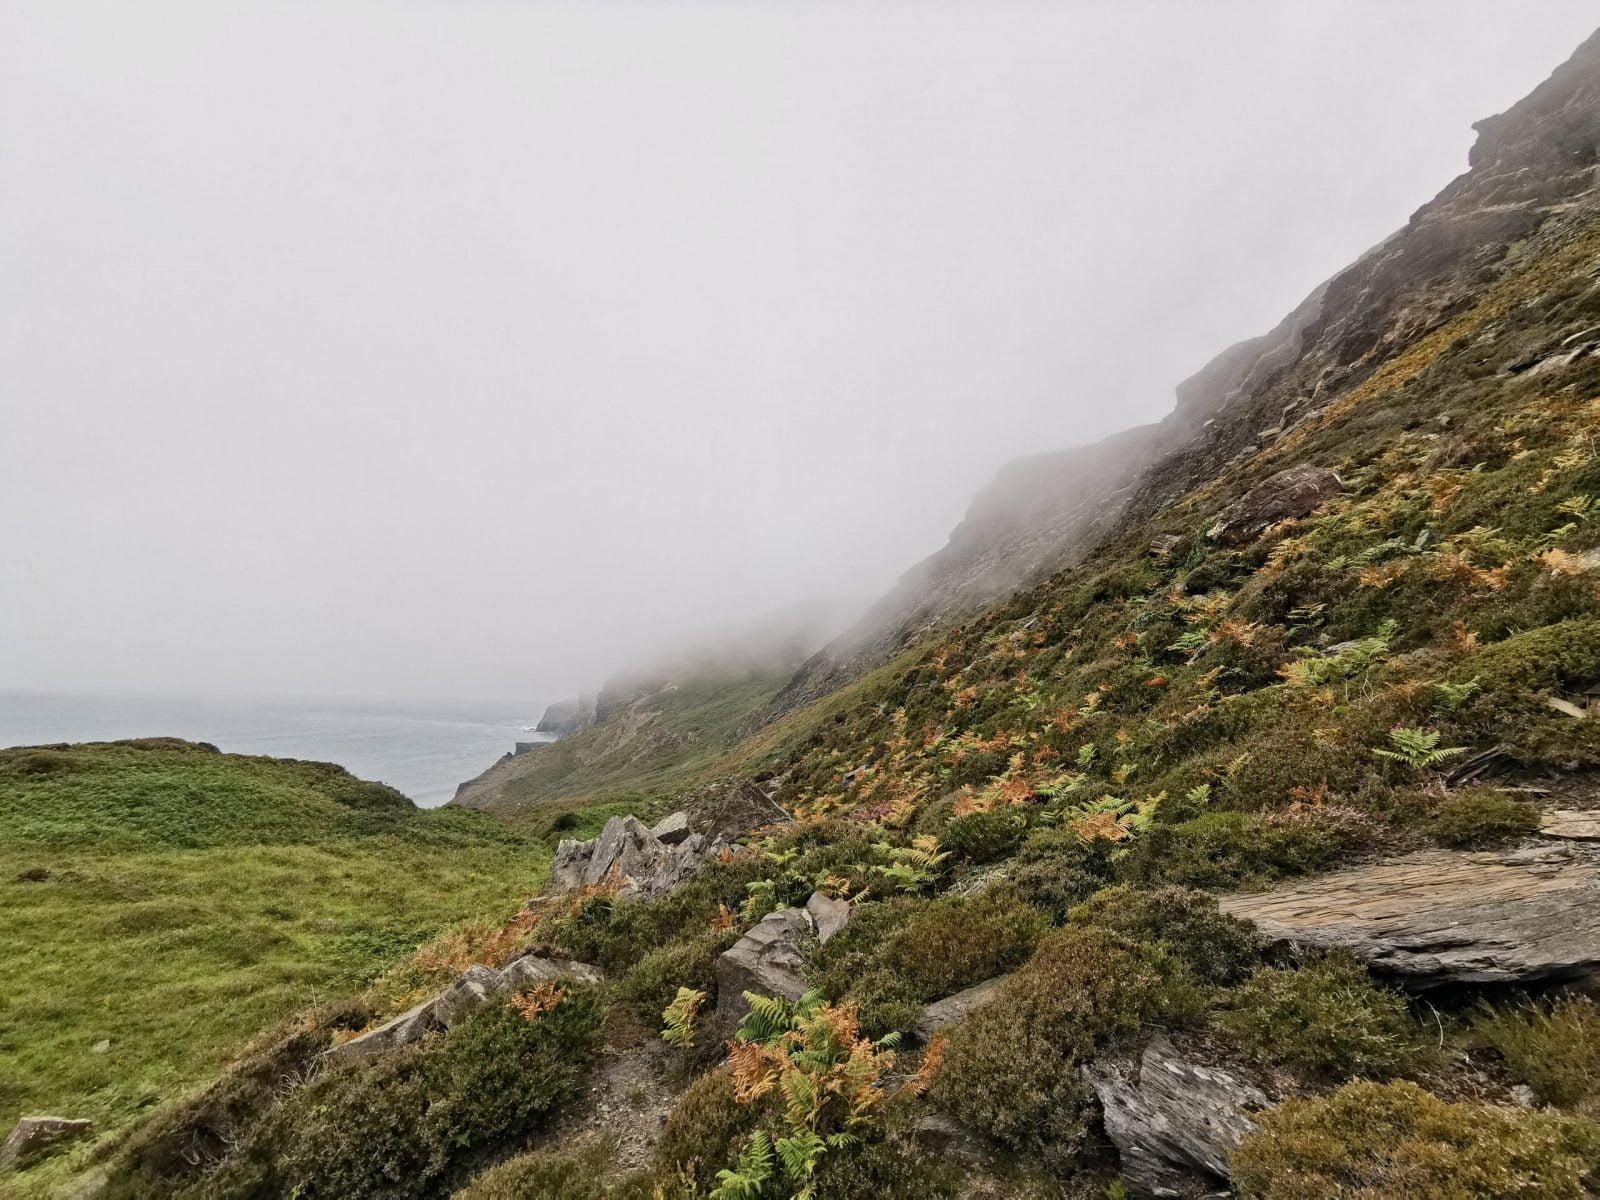 The Strangles Beach & Trail: A Hidden & Quiet Beach in Cornwall 31